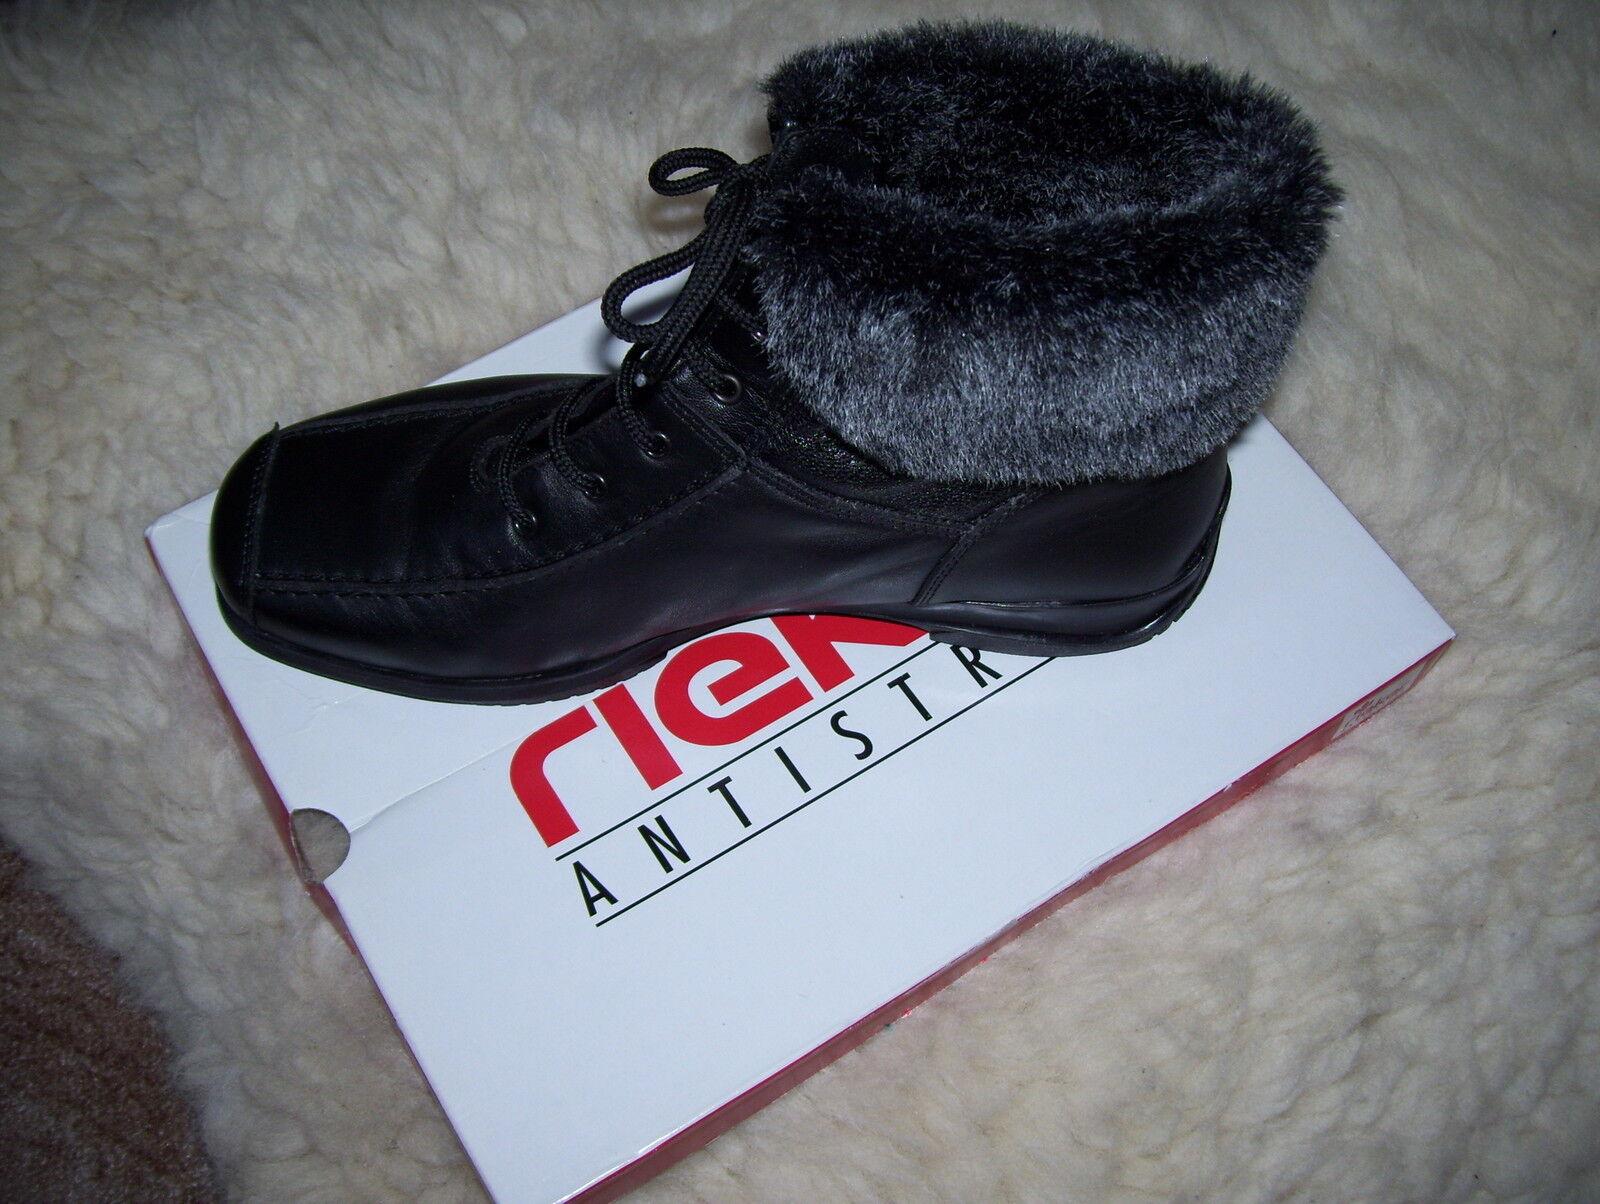 Rieker -Schwarz - Stiefel - Boots -Schwarz Rieker  Gr 40 (Damen) - Neu - Echt Leder - Lesen e6186e